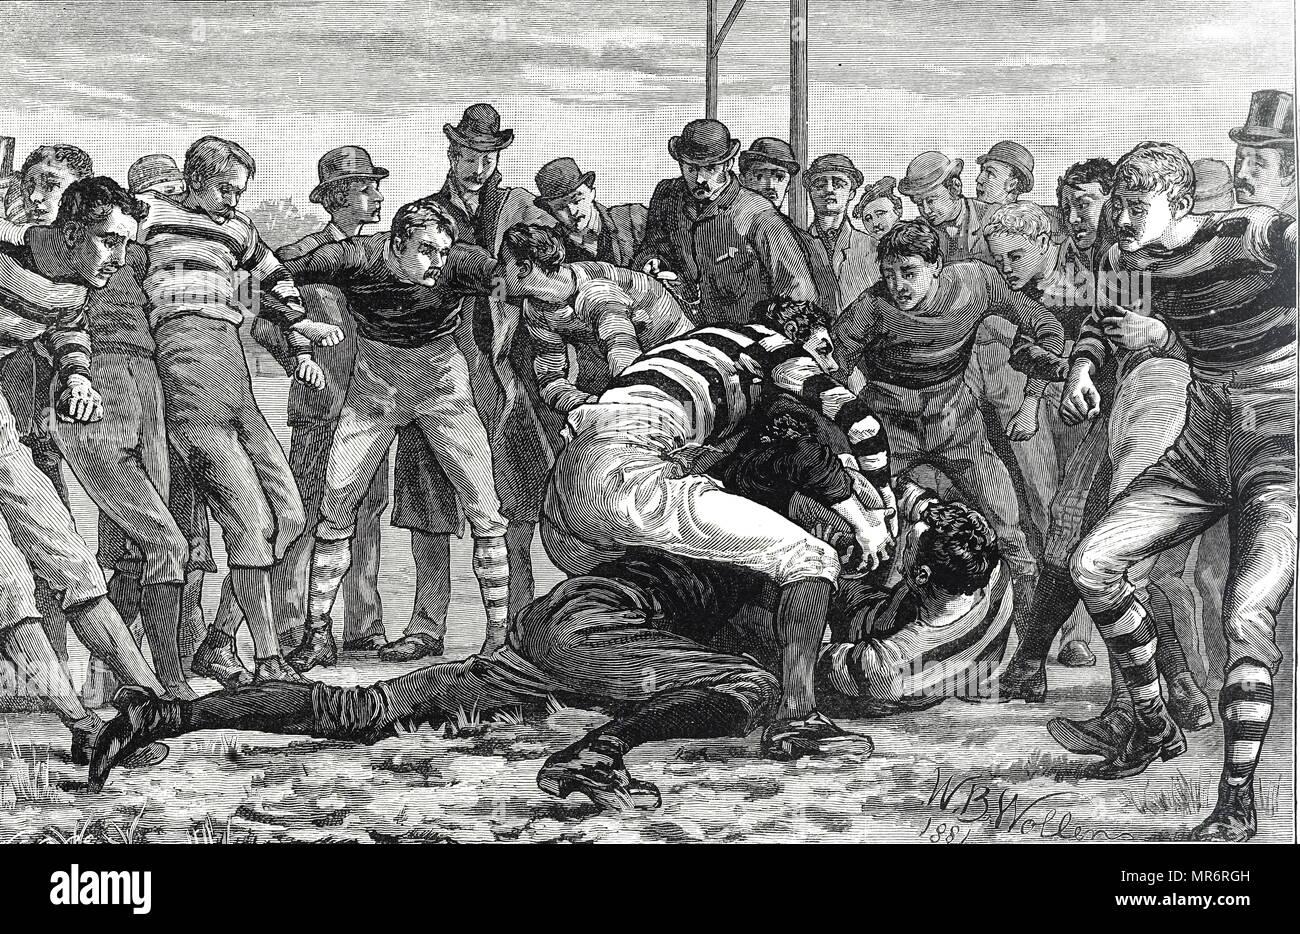 Gravure illustrant les hommes à jouer au rugby. Les règles de Rugby à dire qu'humains tentent d'empêcher l'opposition d'essayer. En date du 19e siècle Photo Stock